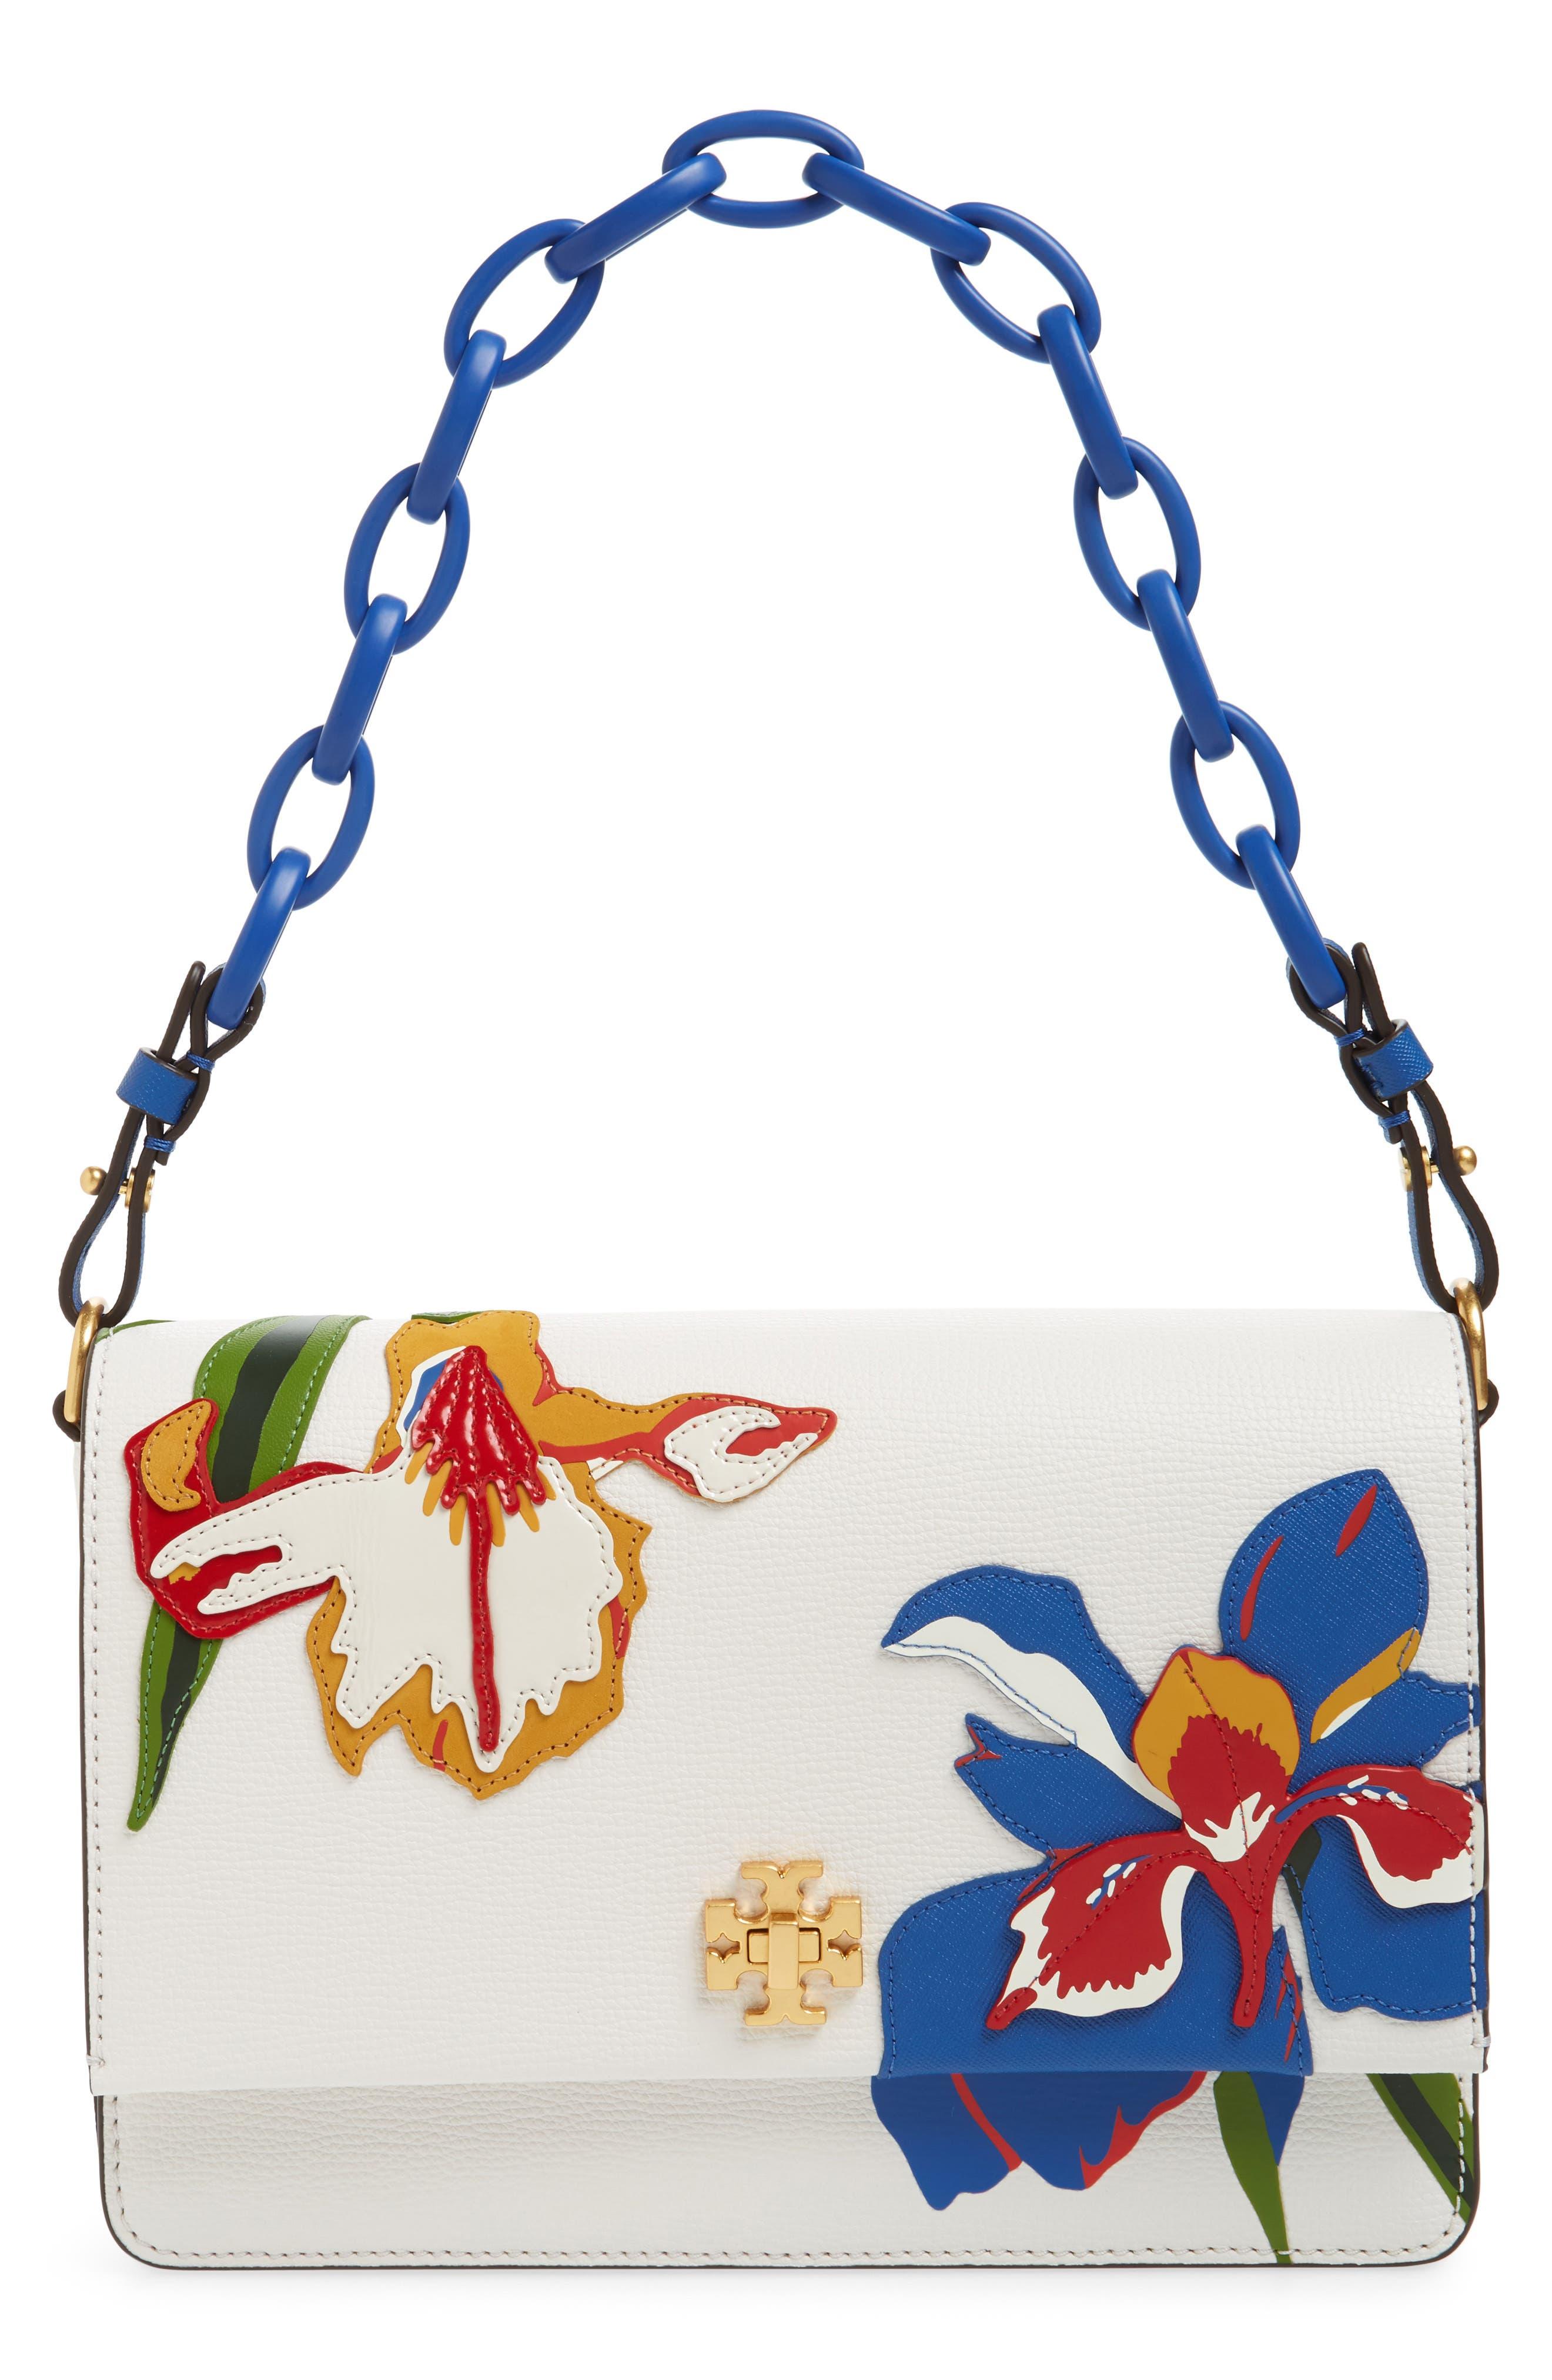 Kira Appliqué Flower Leather Shoulder Bag,                         Main,                         color,